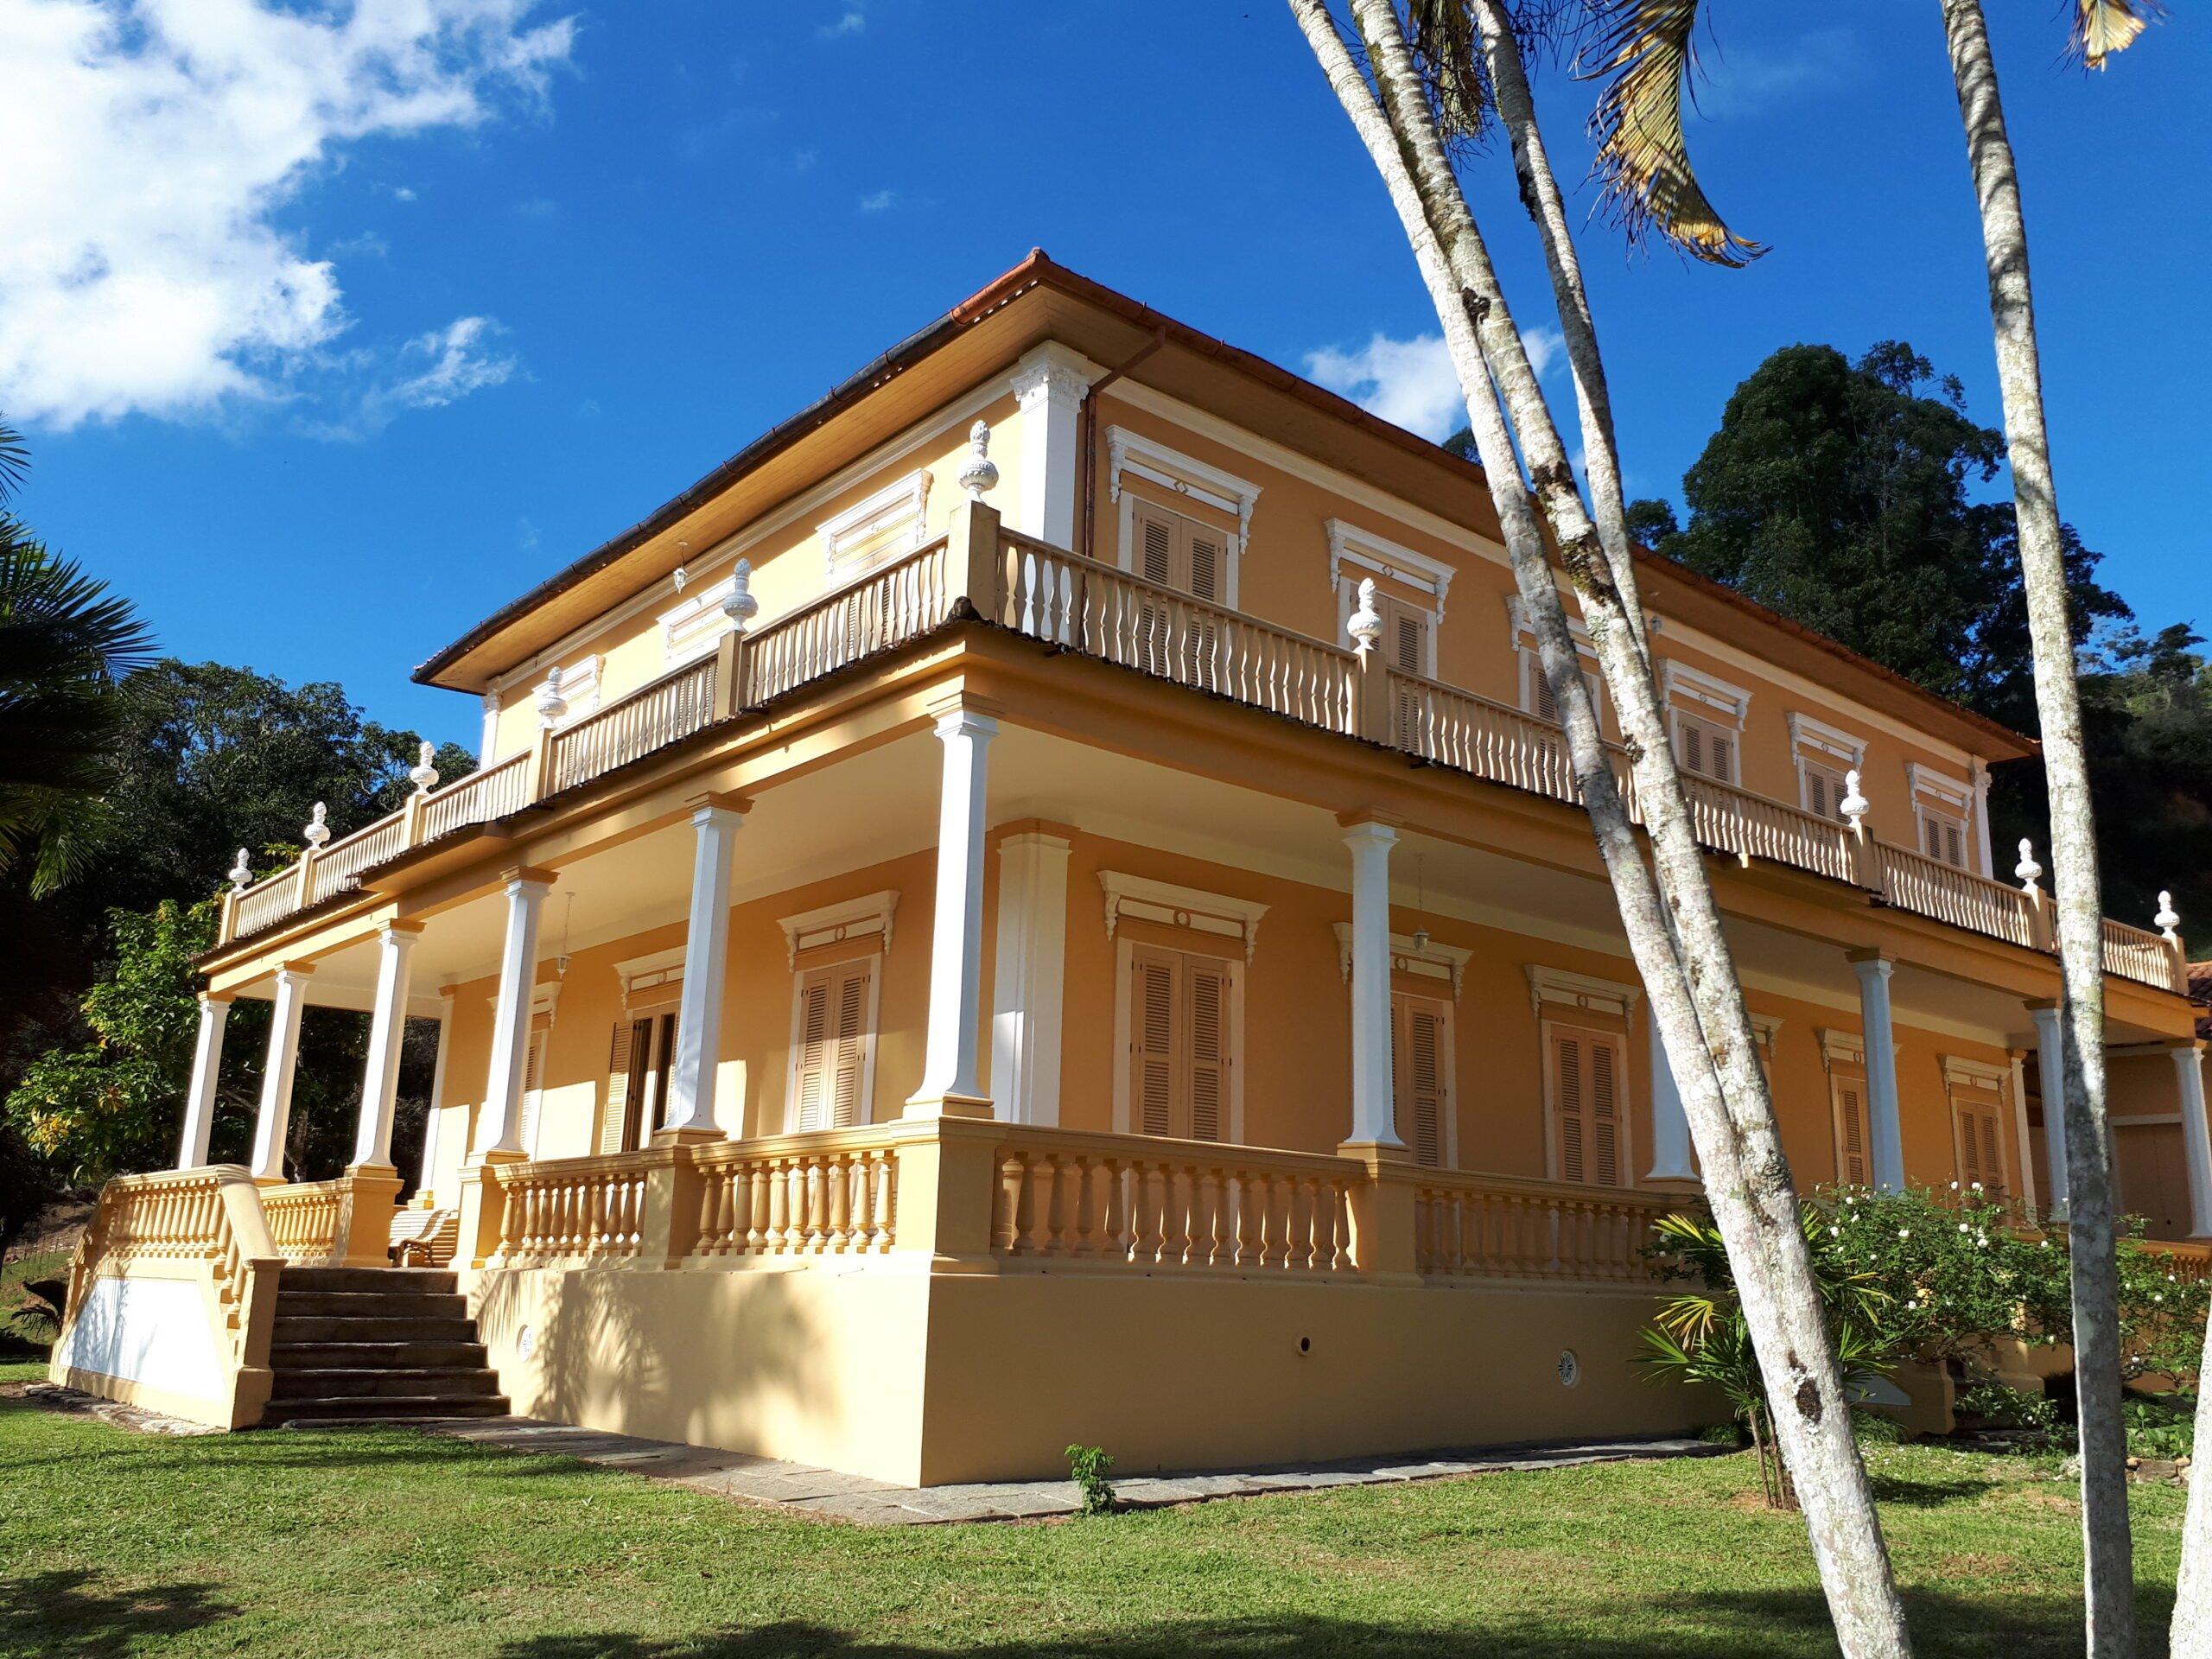 Casa palacete em estilo eclético com elementos neoclássicos. Acervo pessoal